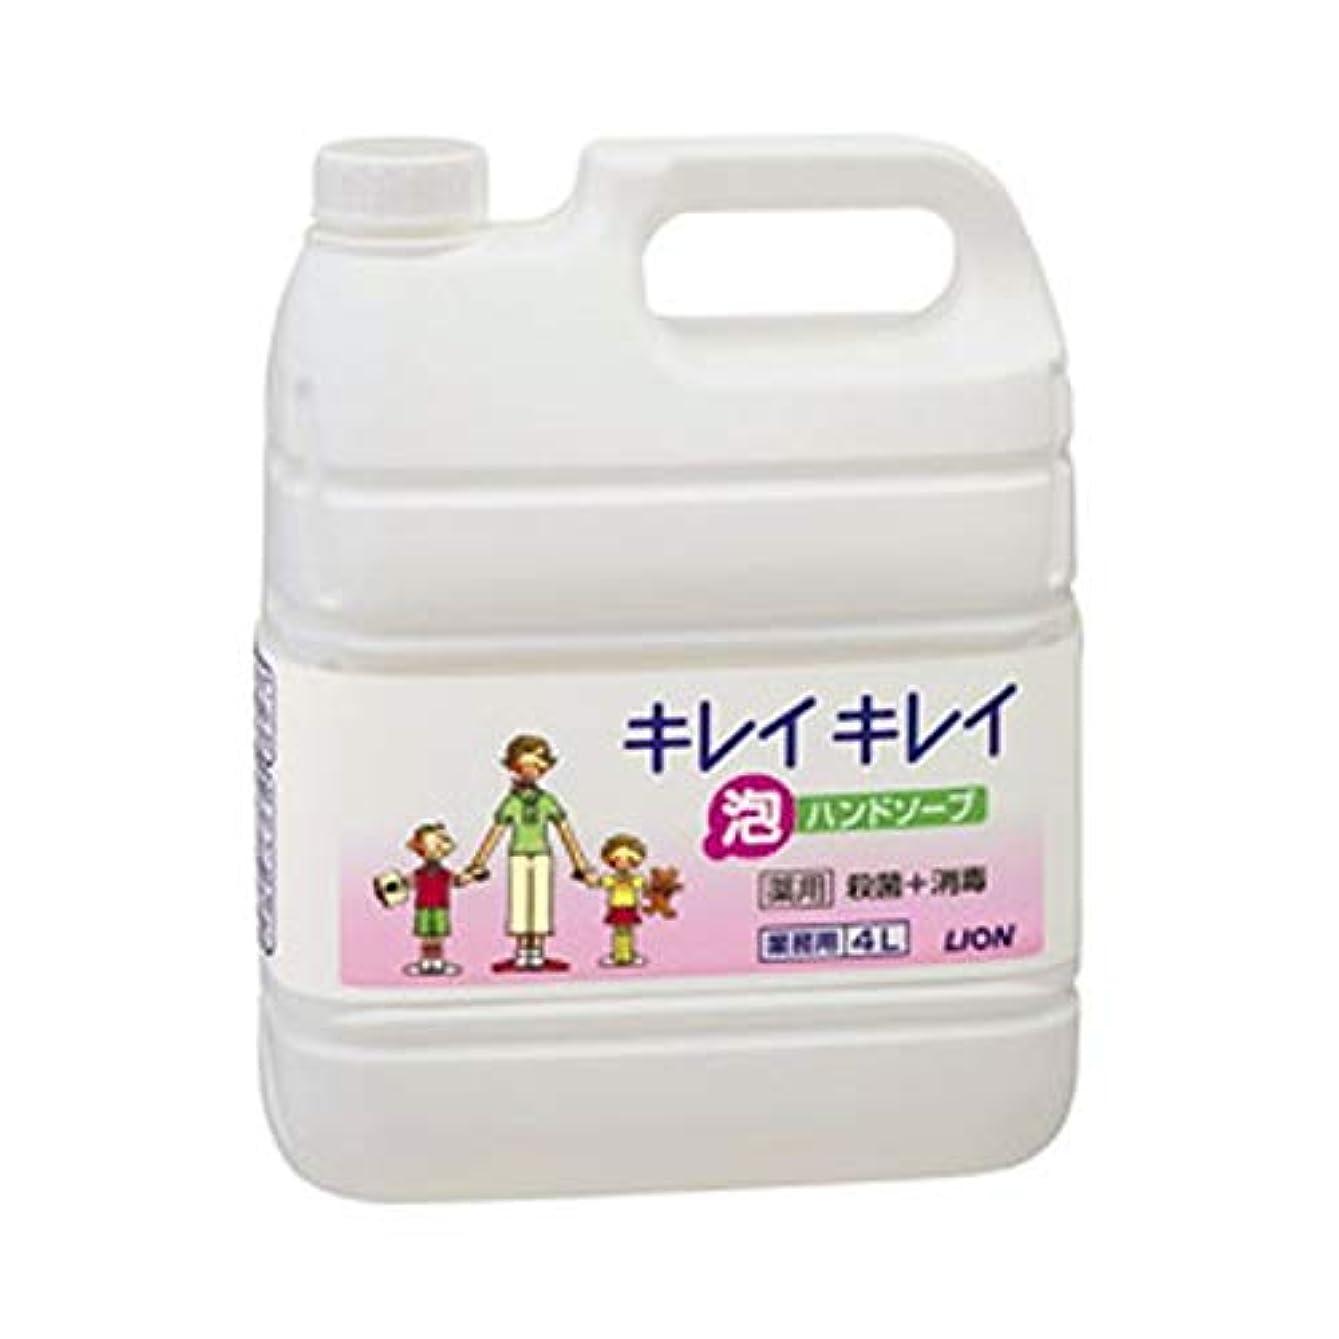 油再生によるとライオン キレイキレイ 泡ハンドソープ 4L 業務用詰替 1箱(3本) ダイエット 健康 衛生用品 ハンドソープ 14067381 [並行輸入品]